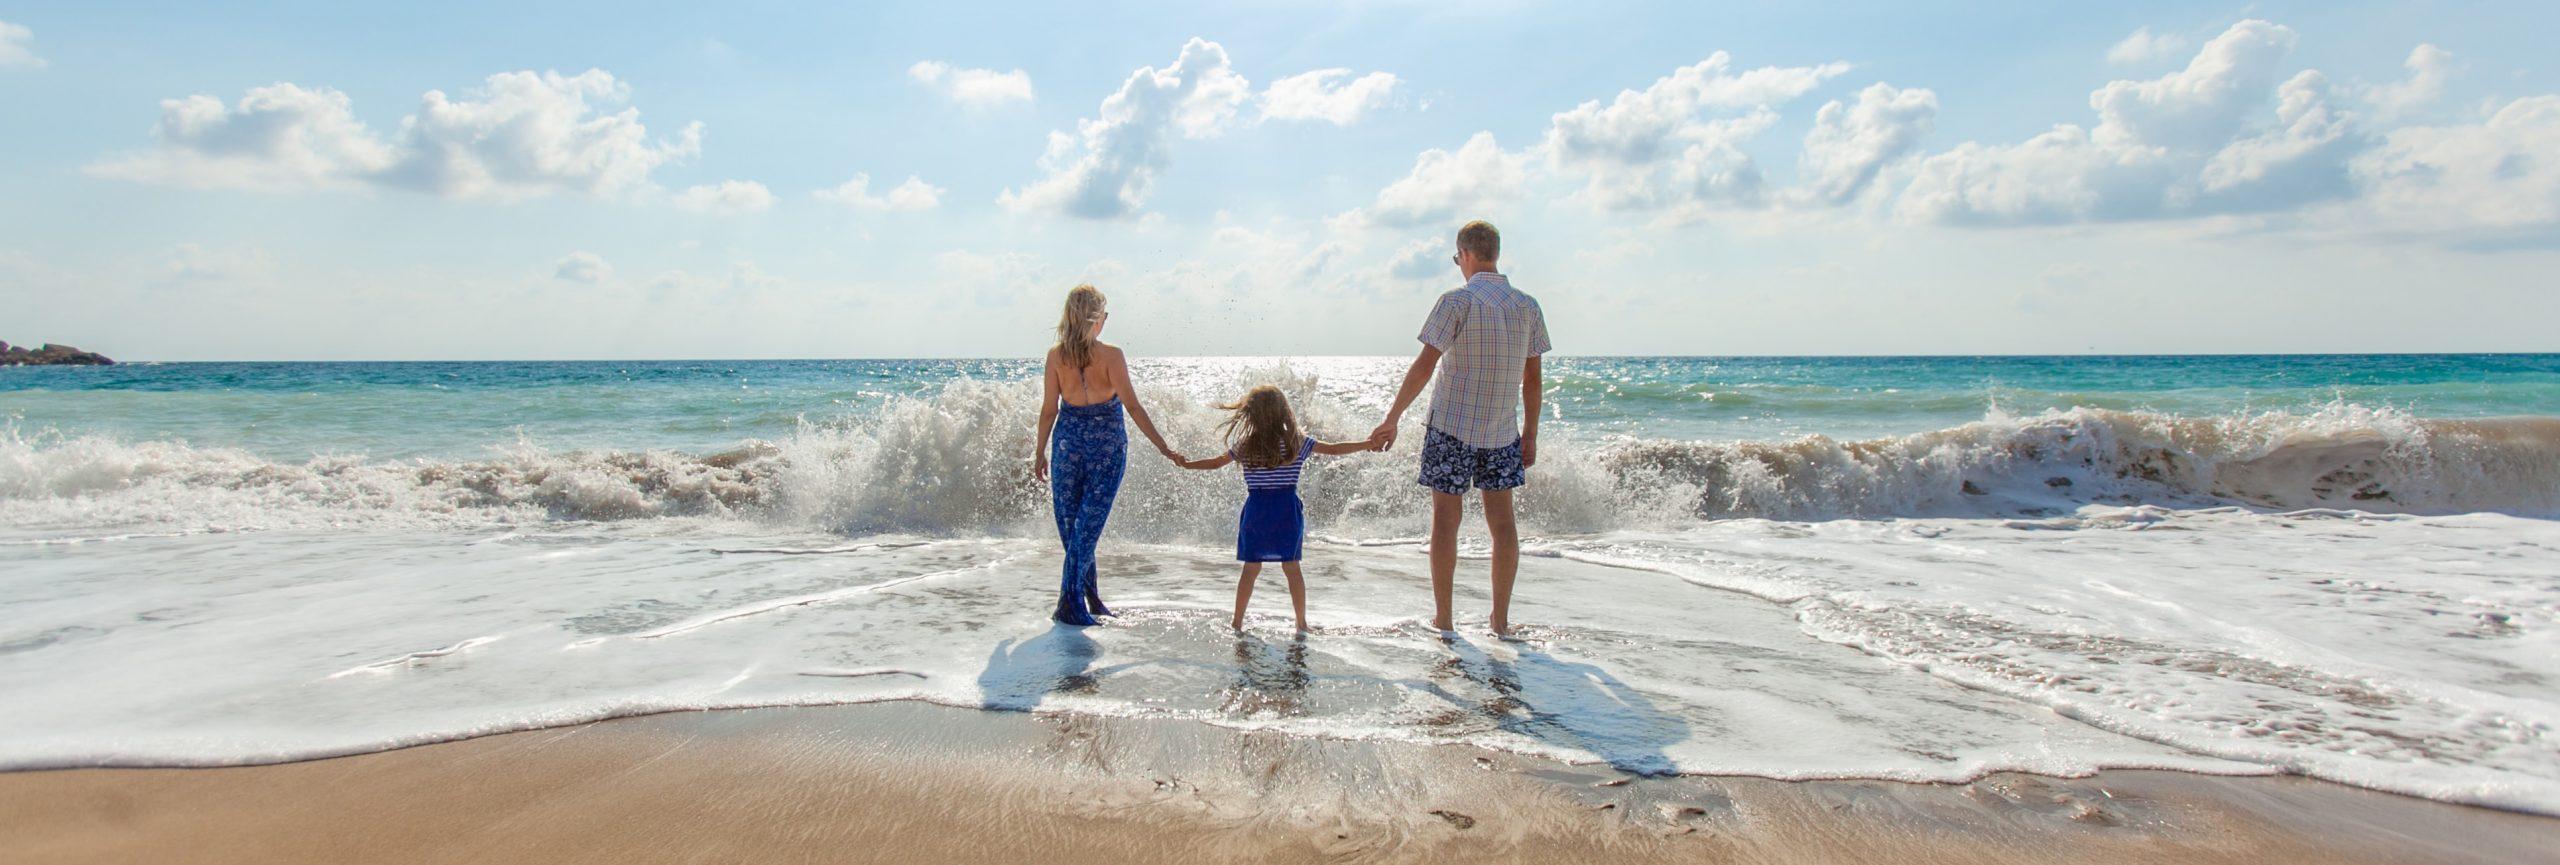 Gezinsreizen header - vakantie aan zee - De Planeet Reizen